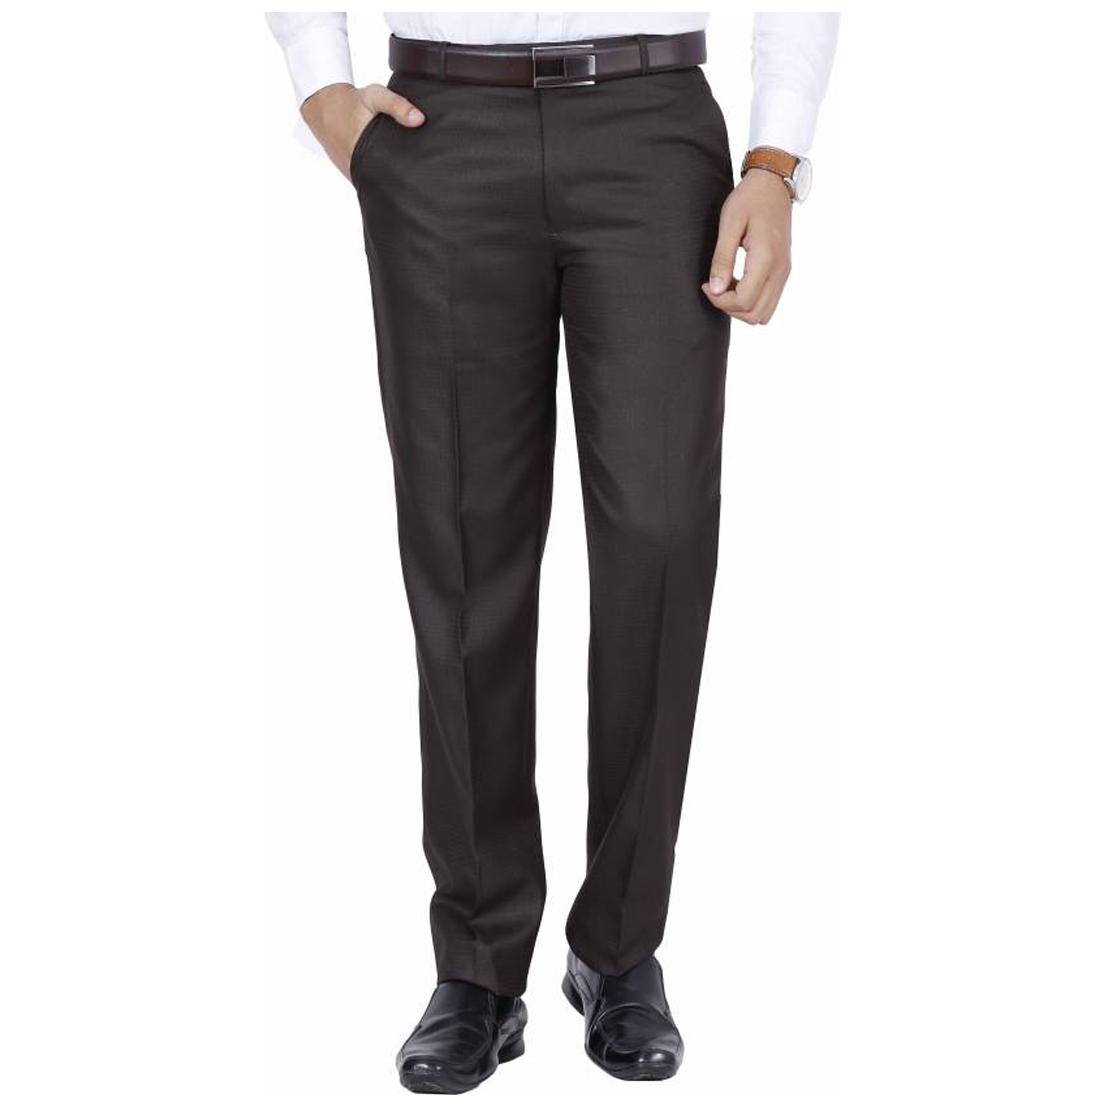 Buke Brown Regular -Fit Flat Trousers